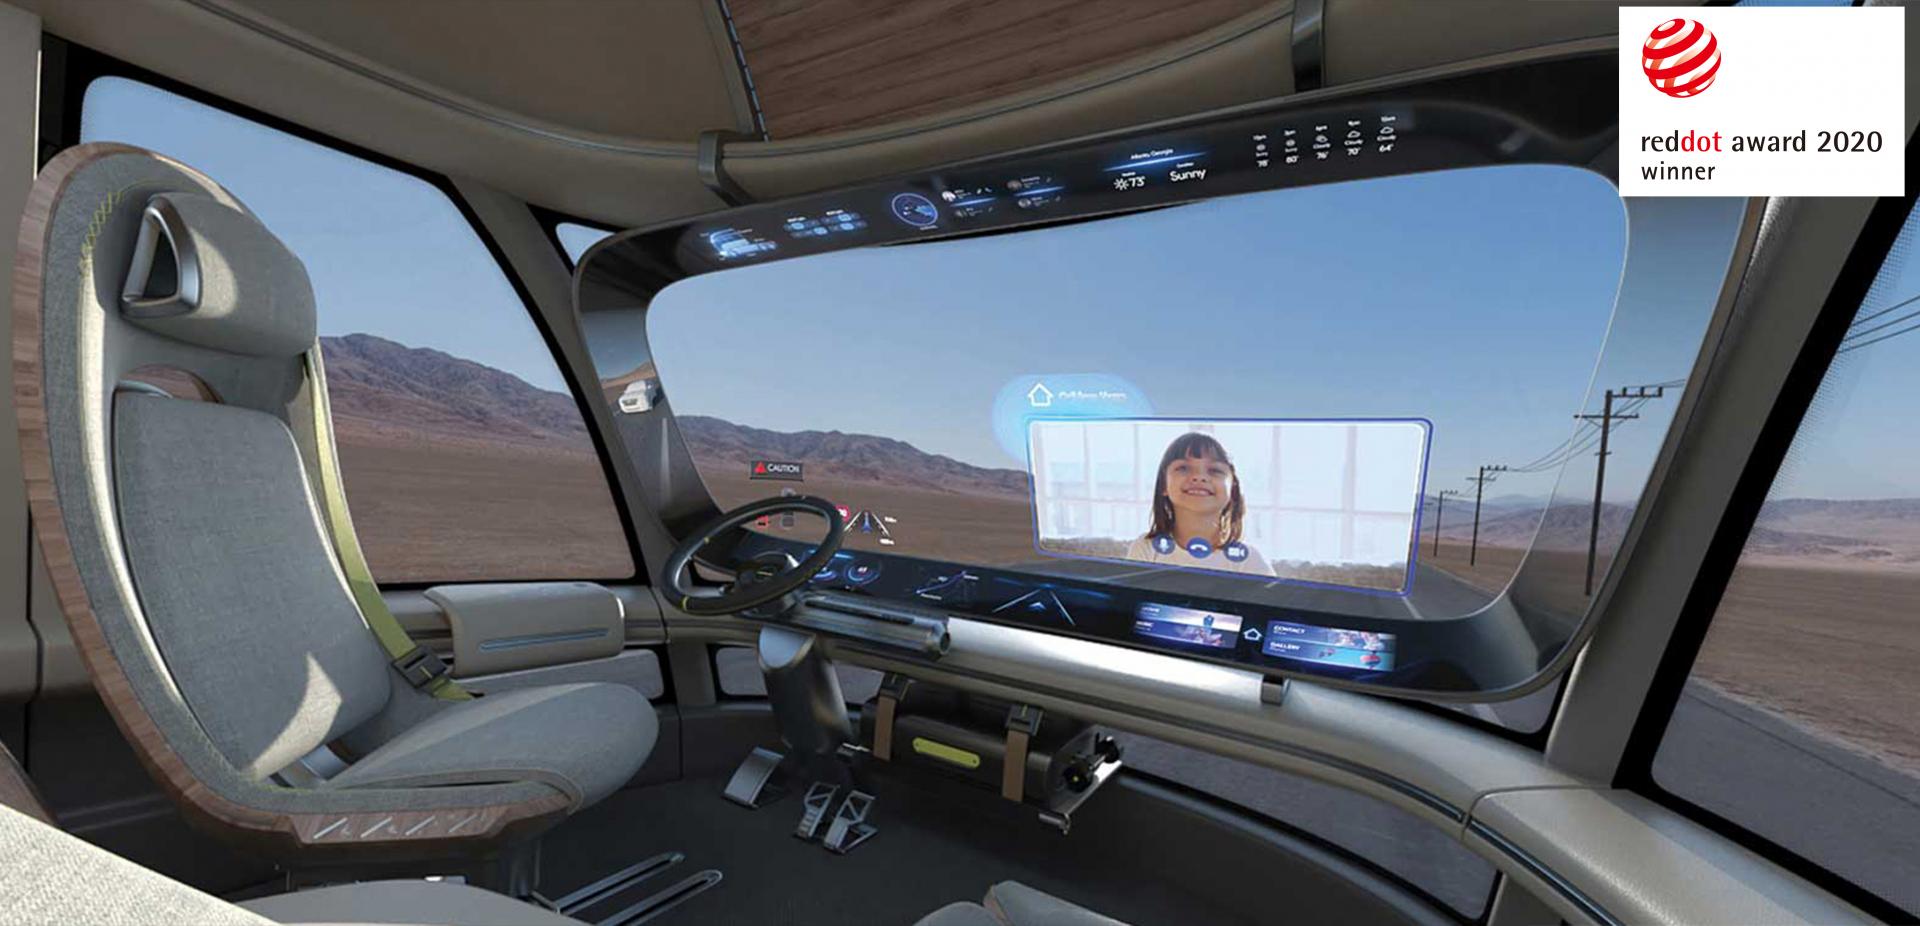 Компанія Hyundai Motor отримала три нагороди Red Dot Award 2020 за концептуальний дизайн | Едем-Авто - фото 12